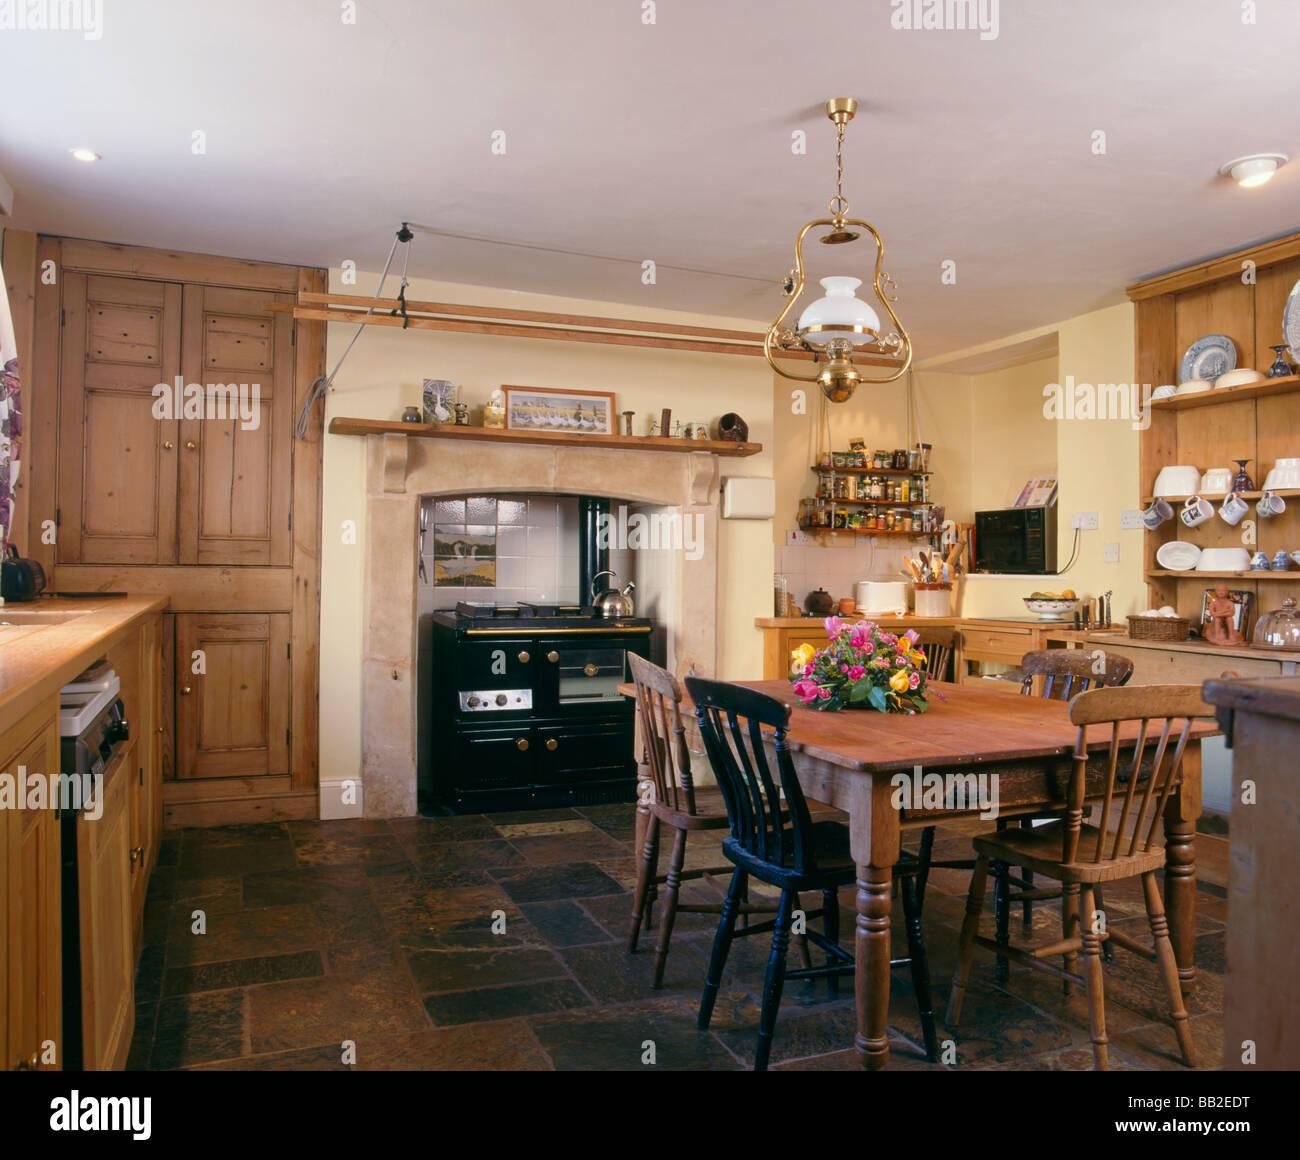 Britische Einrichtung, Küche Und Esszimmer